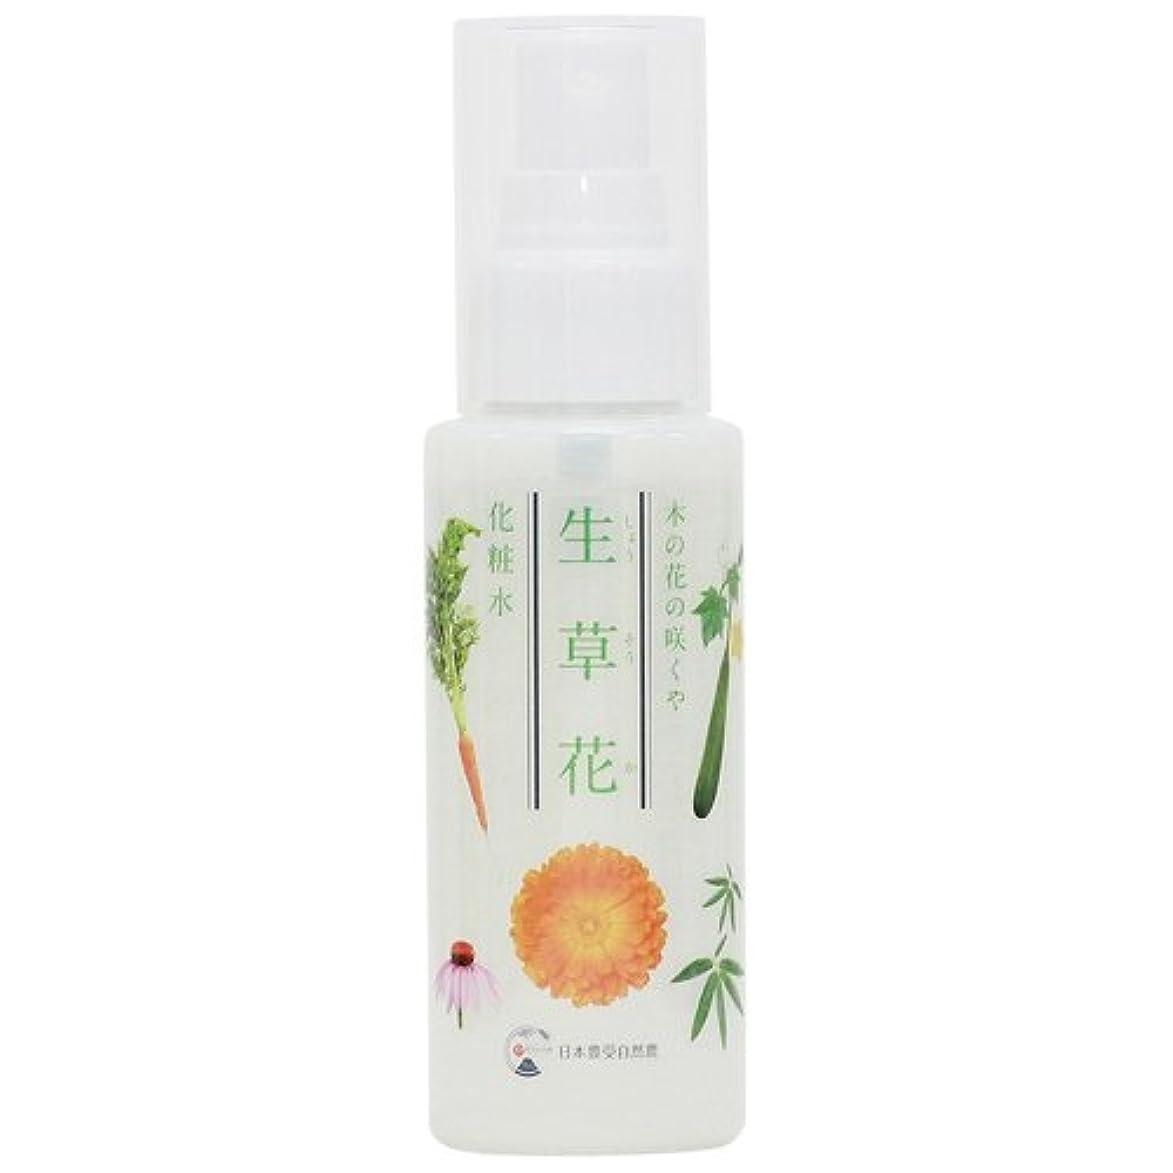 トリムアスリートシリング日本豊受自然農 木の花の咲くや 生草花 化粧水 80ml